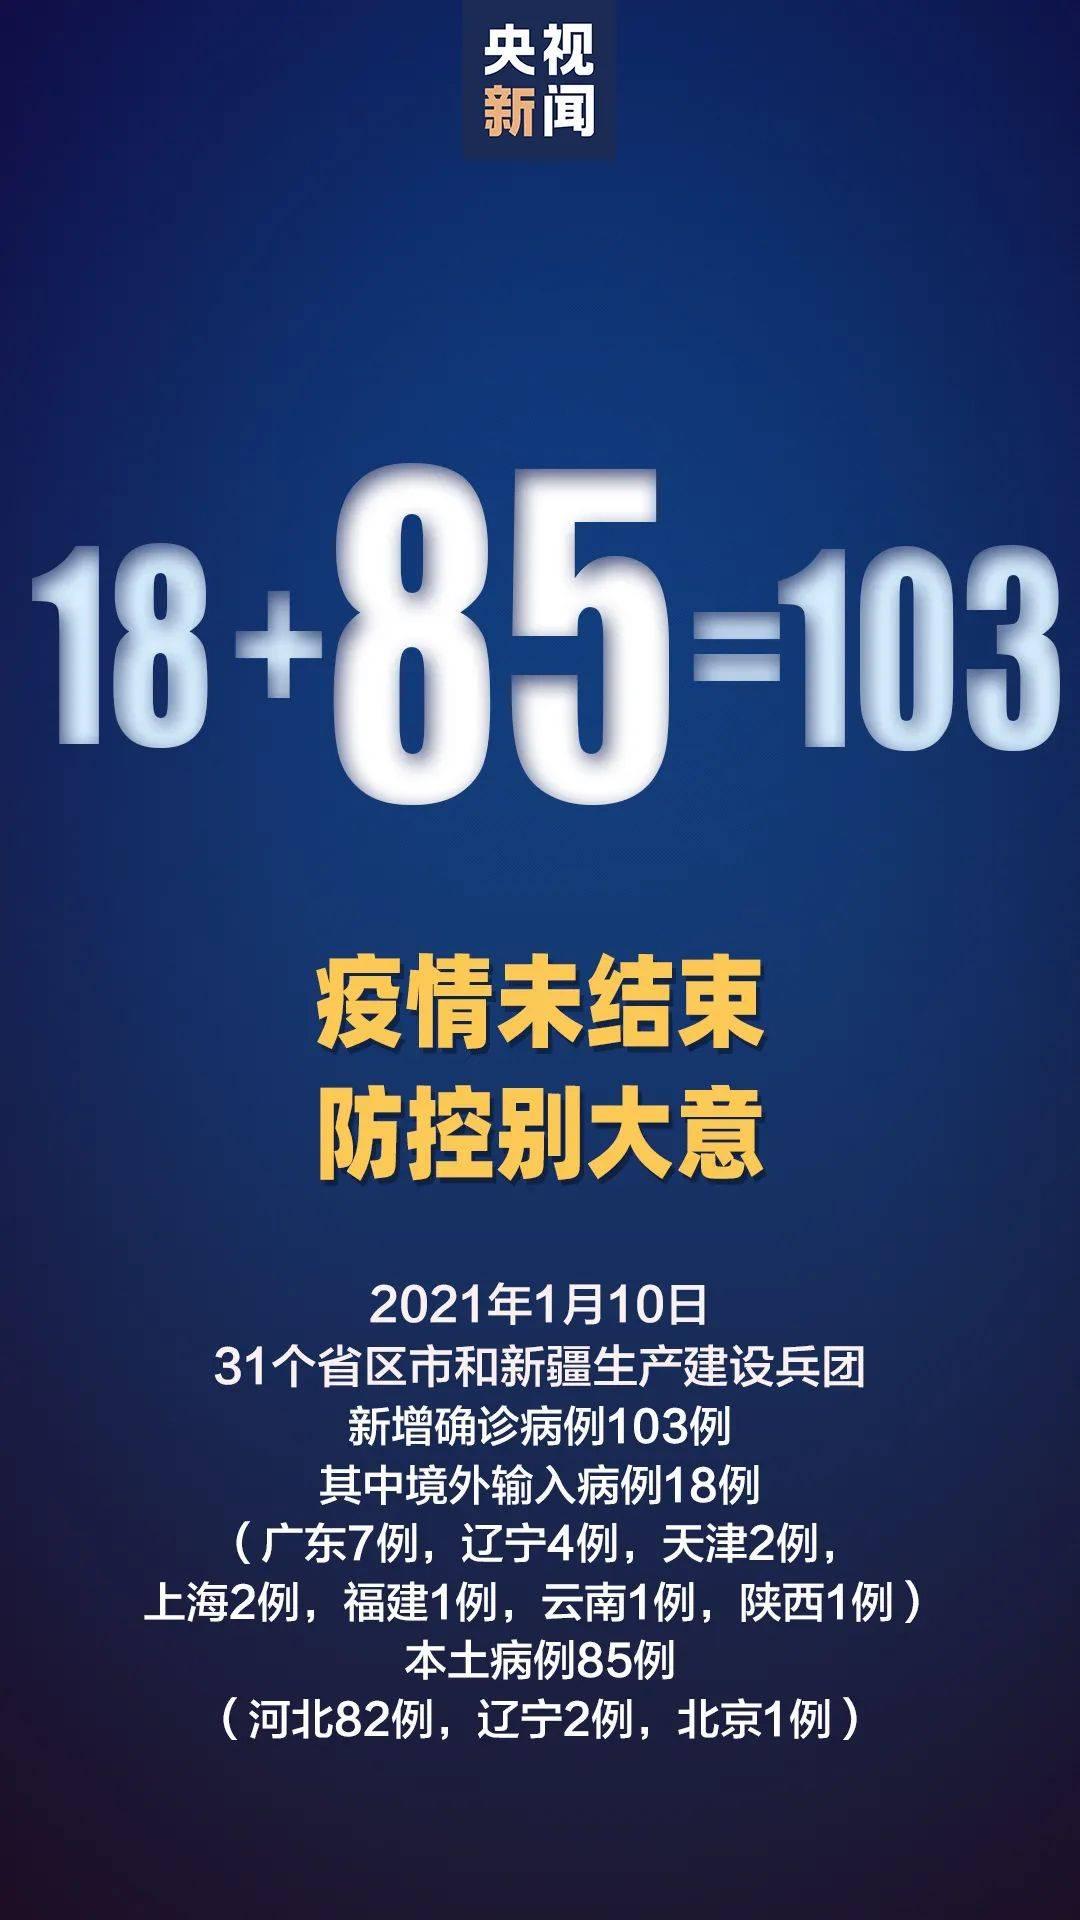 河北疫情最新消息今天新增:河北新增82例本土确诊